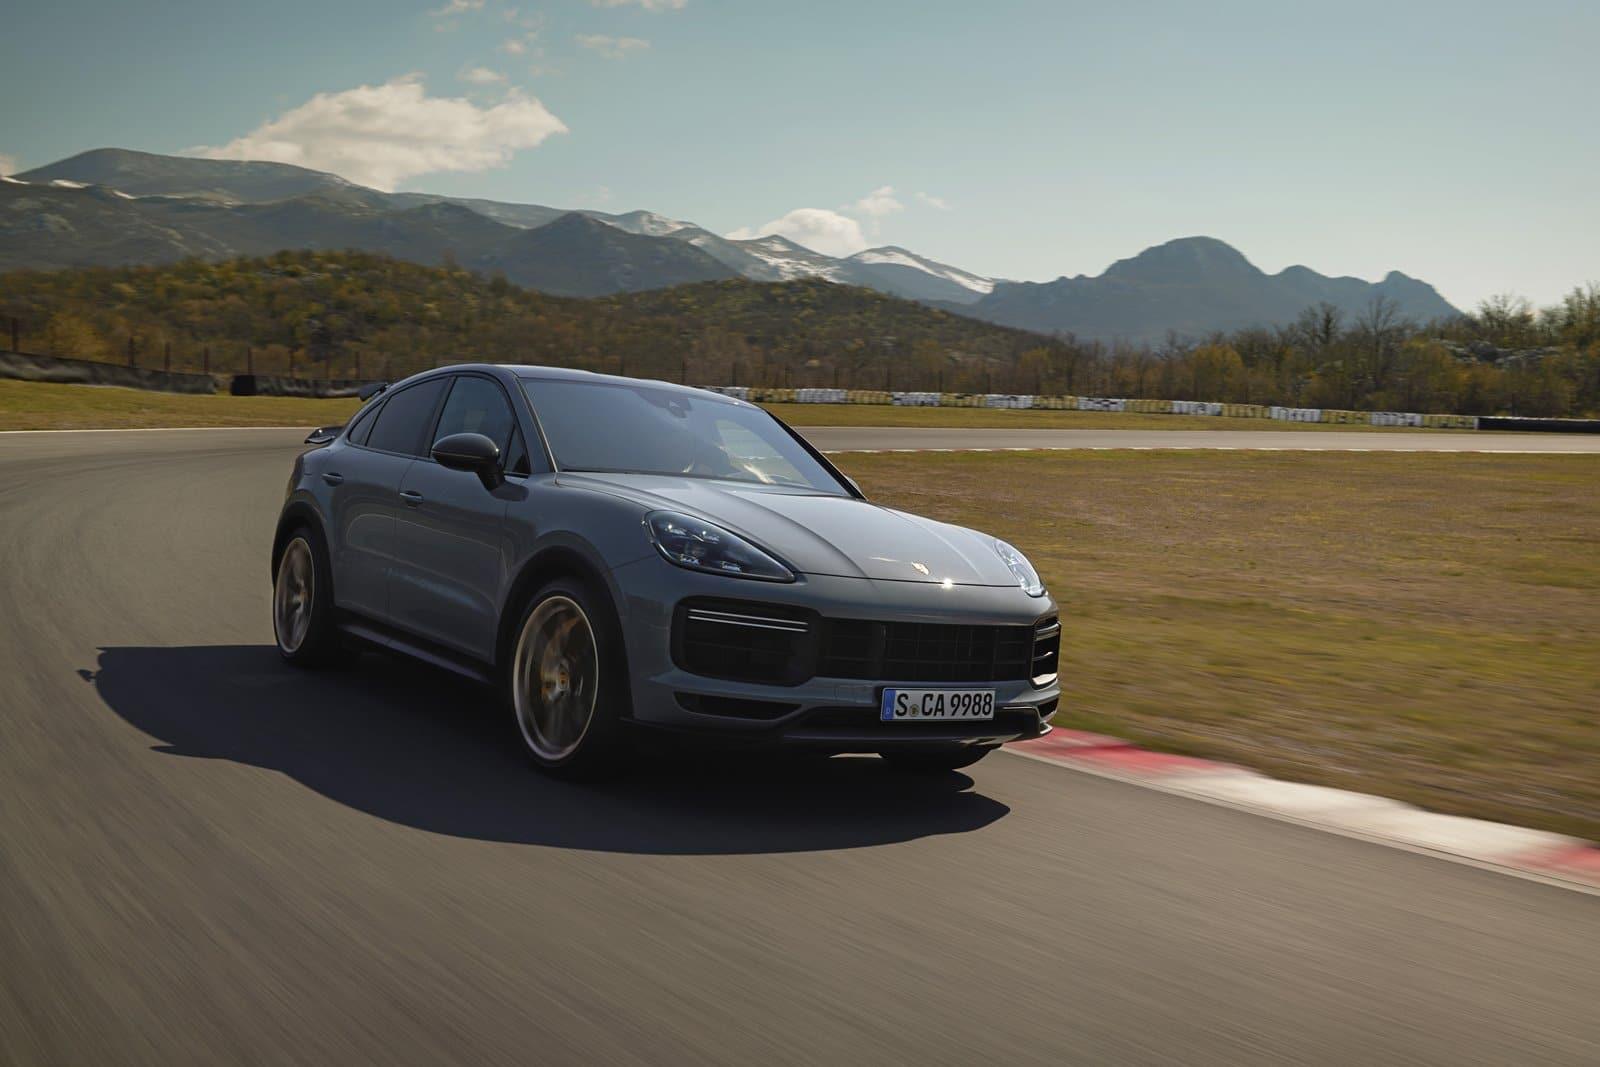 El Porsche Cayenne Turbo GT es el pináculo de la gama